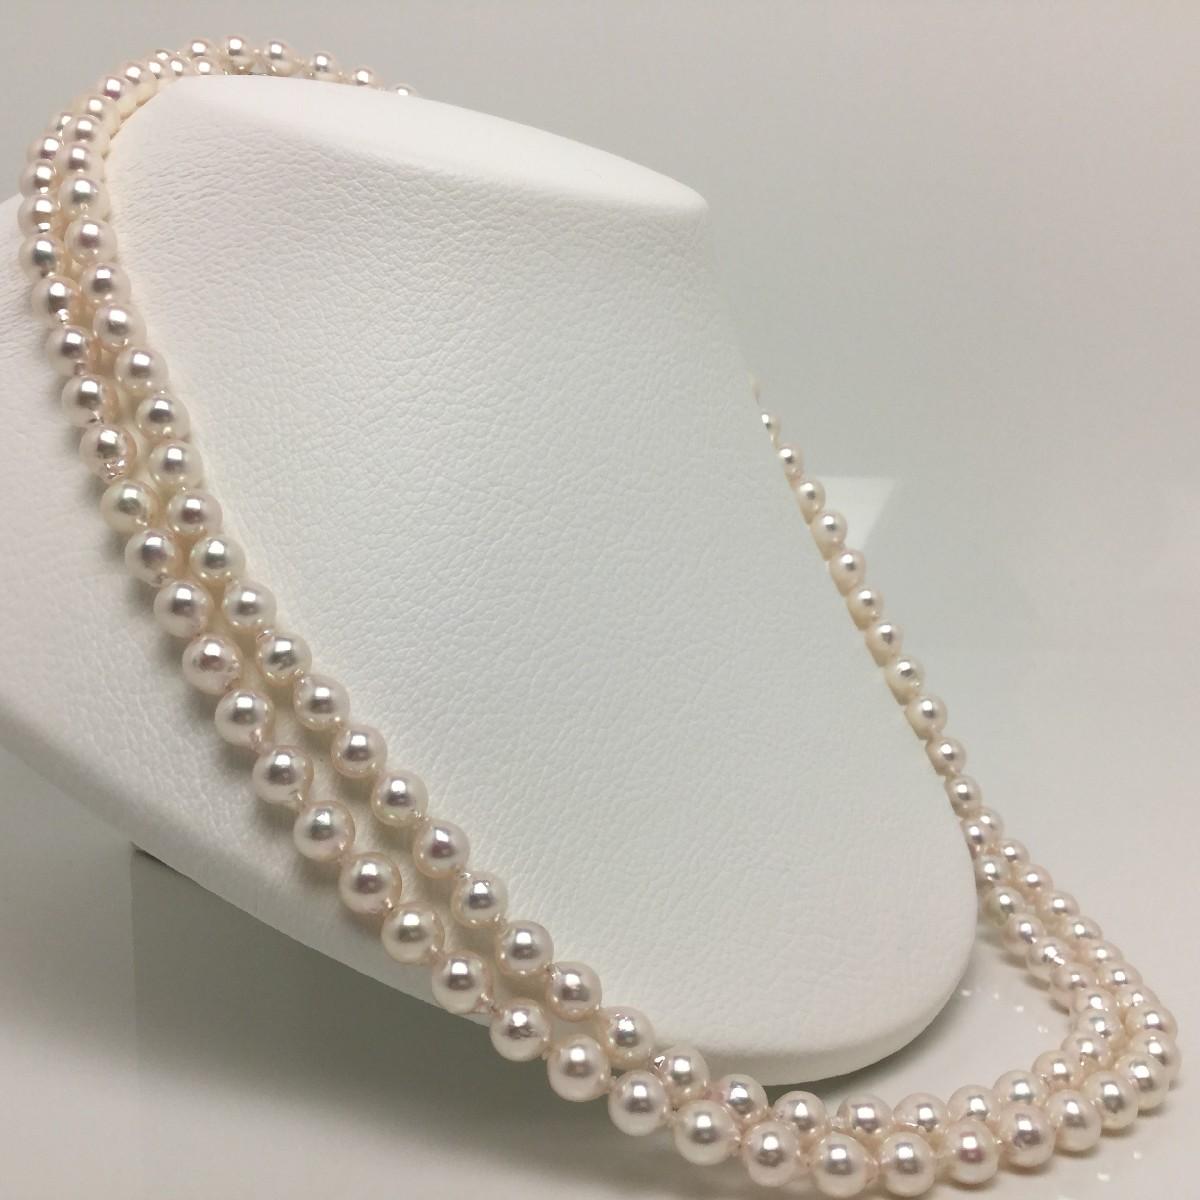 真珠 ネックレス パール アコヤ真珠 ロング 7.0-7.5mm ホワイトピンク シルバー クラスップ 65434 イソワパール